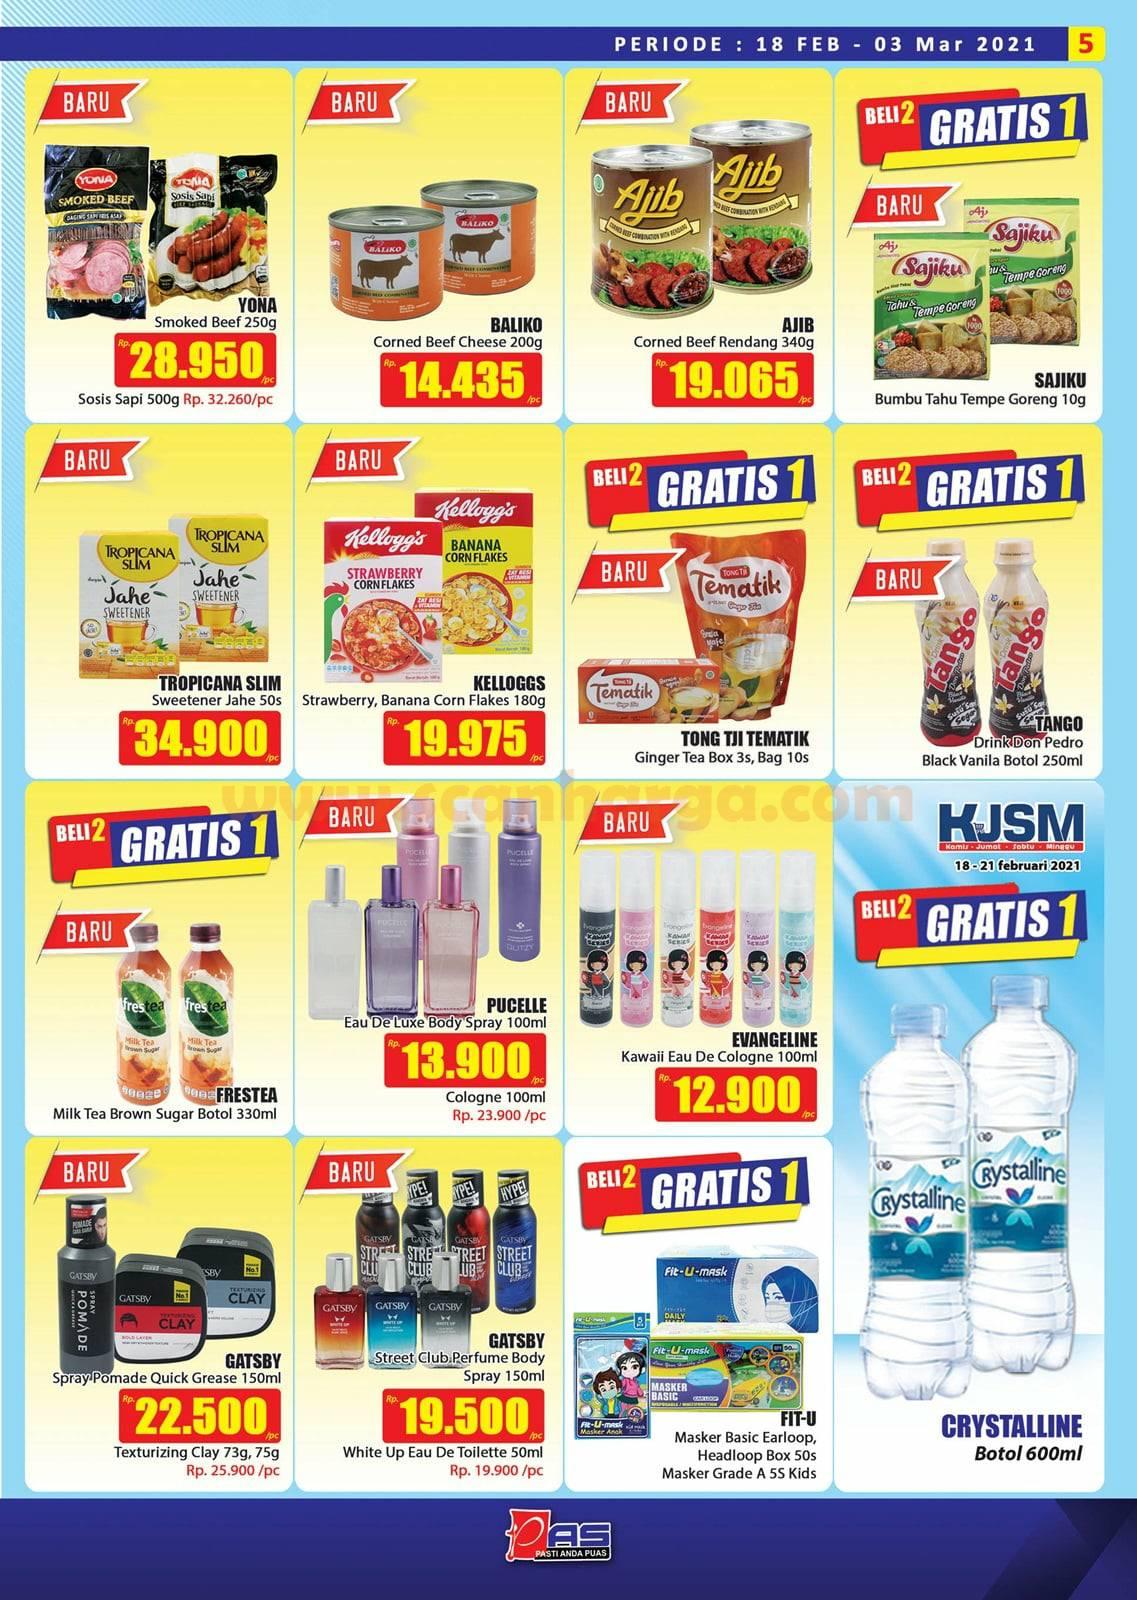 Katalog Promo Hari Hari Pasar Swalayan 18 Februari - 3 Maret 2021 5